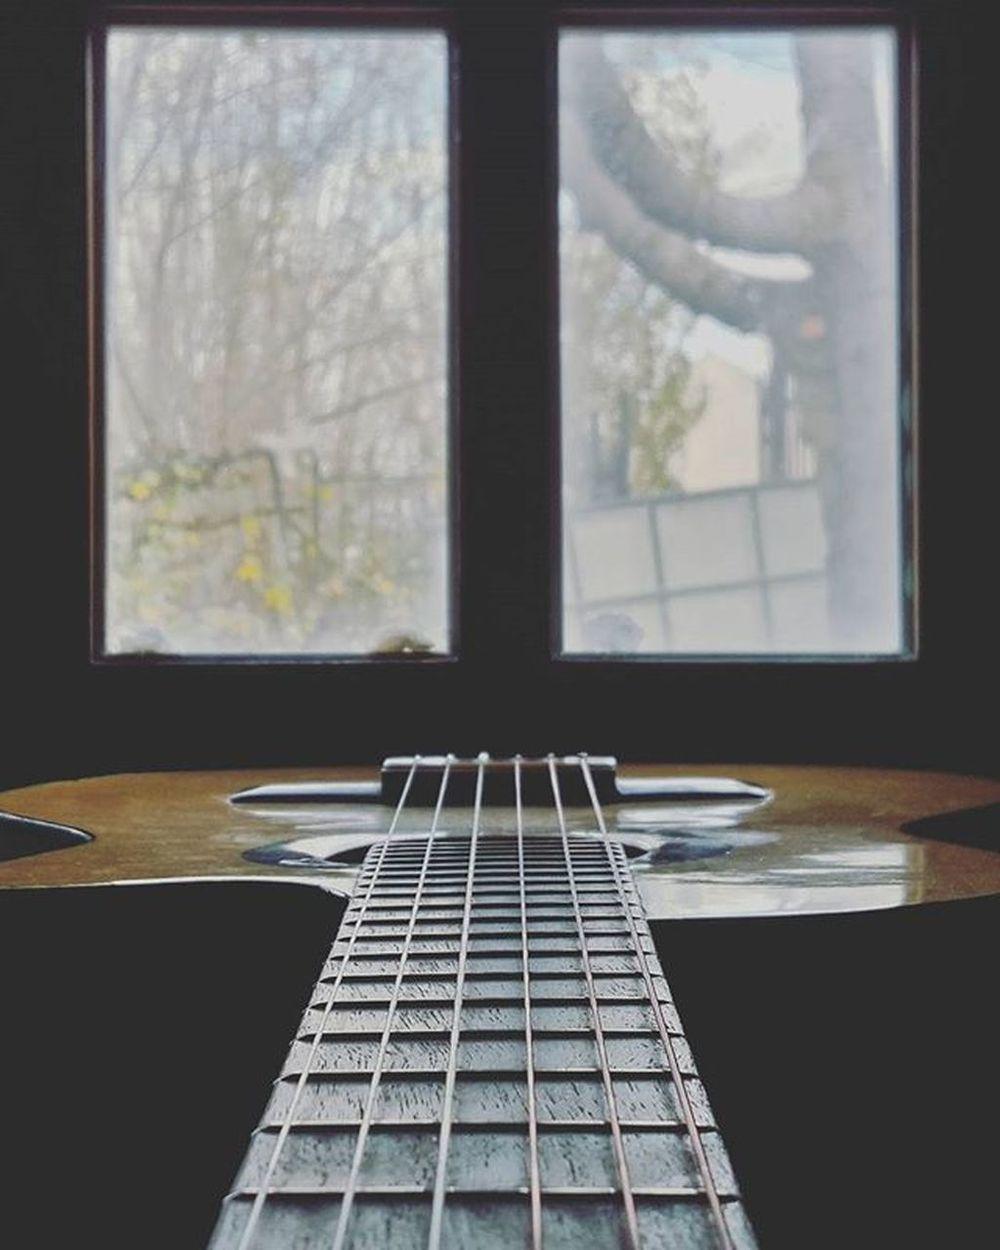 Me gusta que a la luz de este lugar todo se vea diferente, como si cobrara otro sentido, como si otros rasgos cobrarán vida, como que me habilita a ver el otro de las cosas... Es mi ventana de la verdad(?) La ventana del bien y del mal(?) QuéSéYo YaNiSe Guitarrita Ventana Luz 🙏💭👻 . . . . . . . . . . . . . . Guitar Guitarra Guitarist Musician Music Musica Musica Blackandwhite Guitars Gibsonguitars Guitarrista Guitarplayer Song Musicians Guitarsofinstagram Ventana Window Arquitectura Blackandwhite Fotografia sol windows igers art architecture